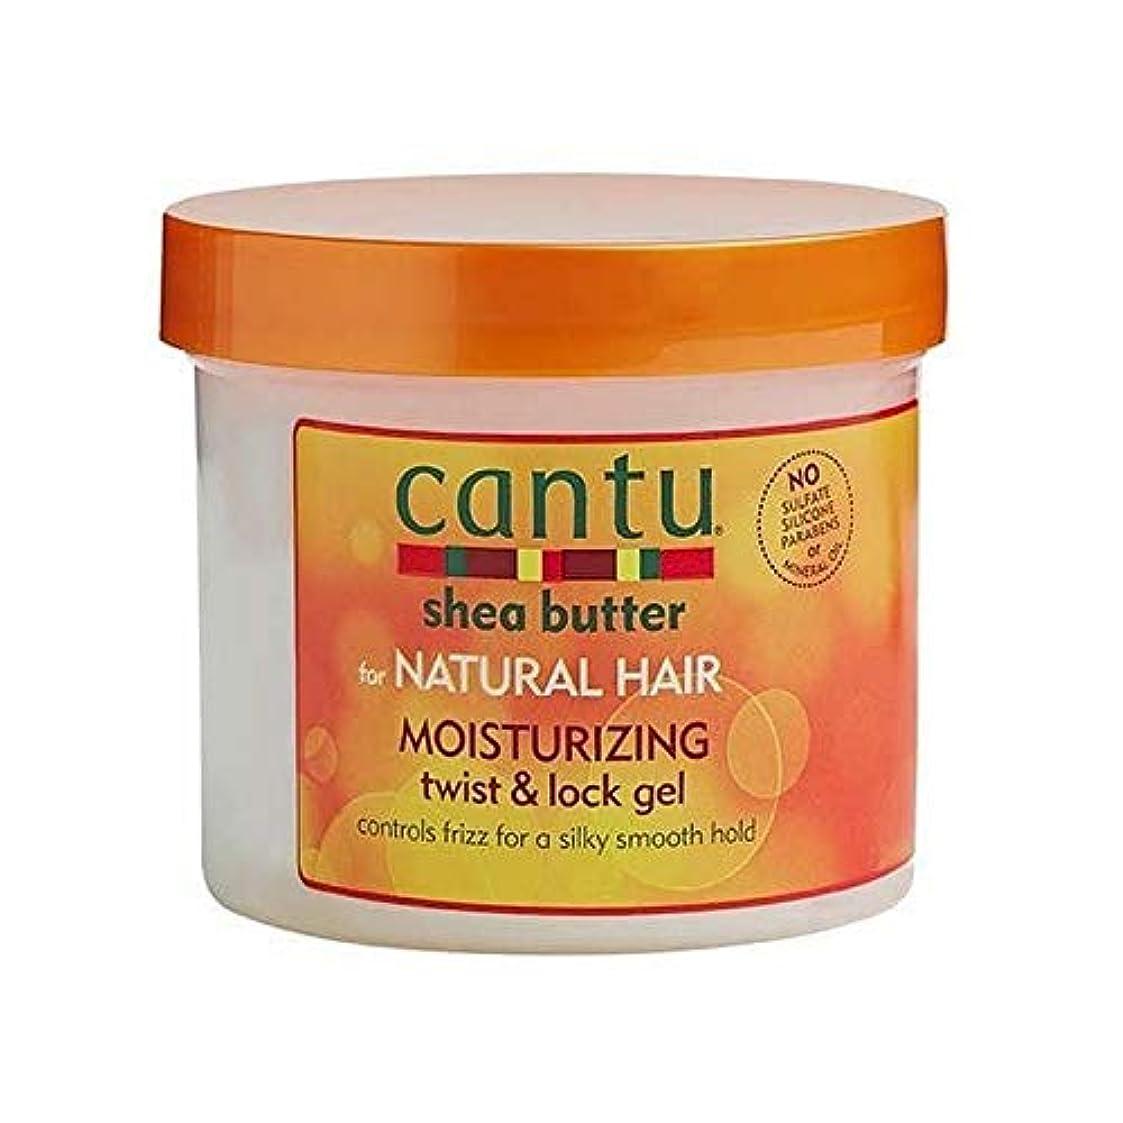 槍付けるスポーツの試合を担当している人[Cantu ] 自然な髪のツイスト&ロックゲル370グラムのためのカントゥ - Cantu for Natural Hair Twist & Lock Gel 370g [並行輸入品]